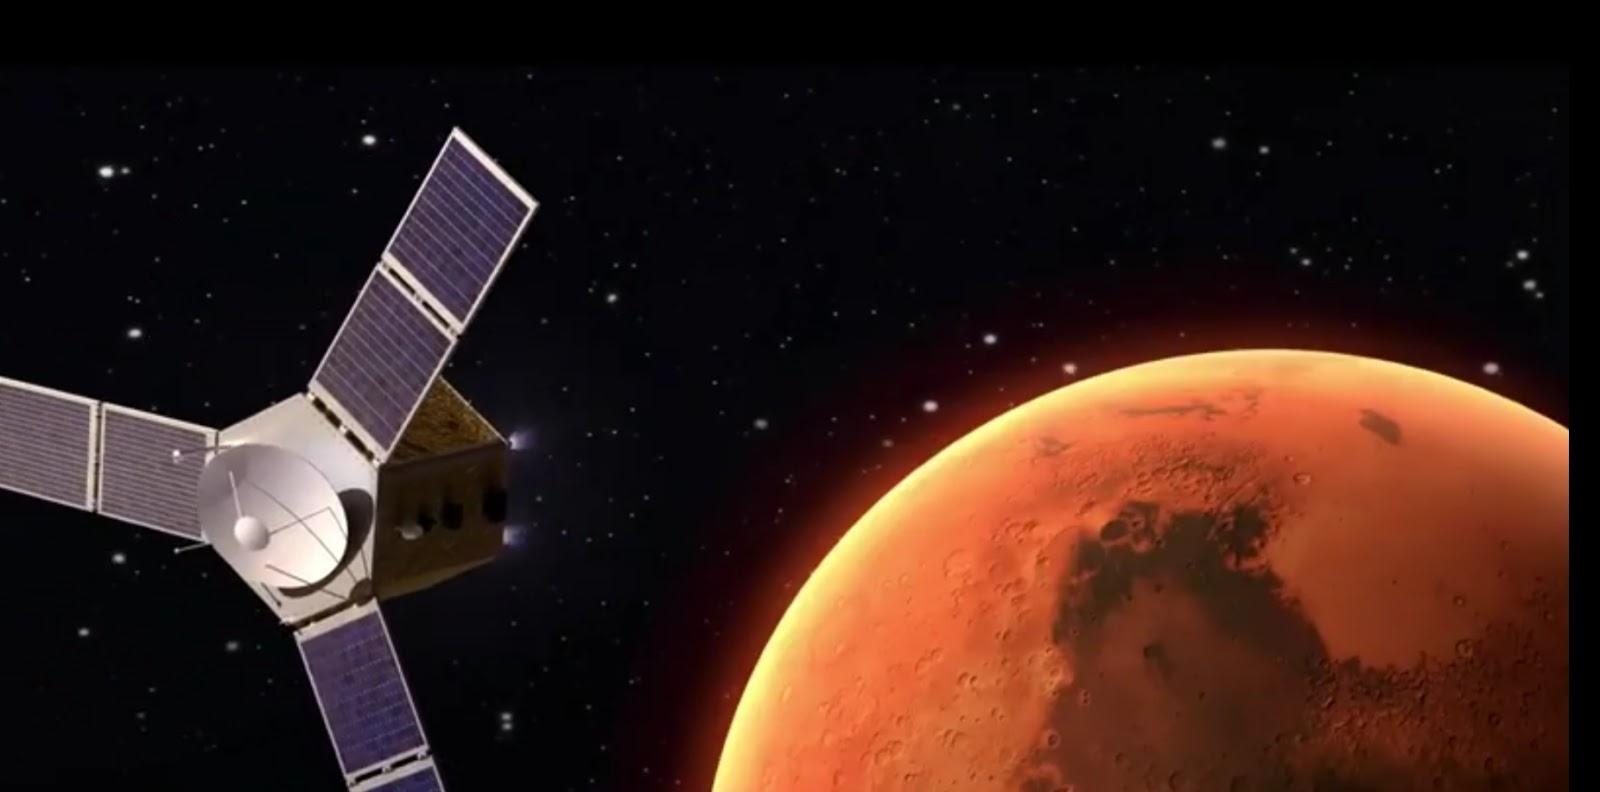 (( مسبار الأمل)) هدف الإمارات إلى كوكب المريخ - أول قمر صناعي  عربي إلى المريخ (هل سيصل - طموح وتحدي)